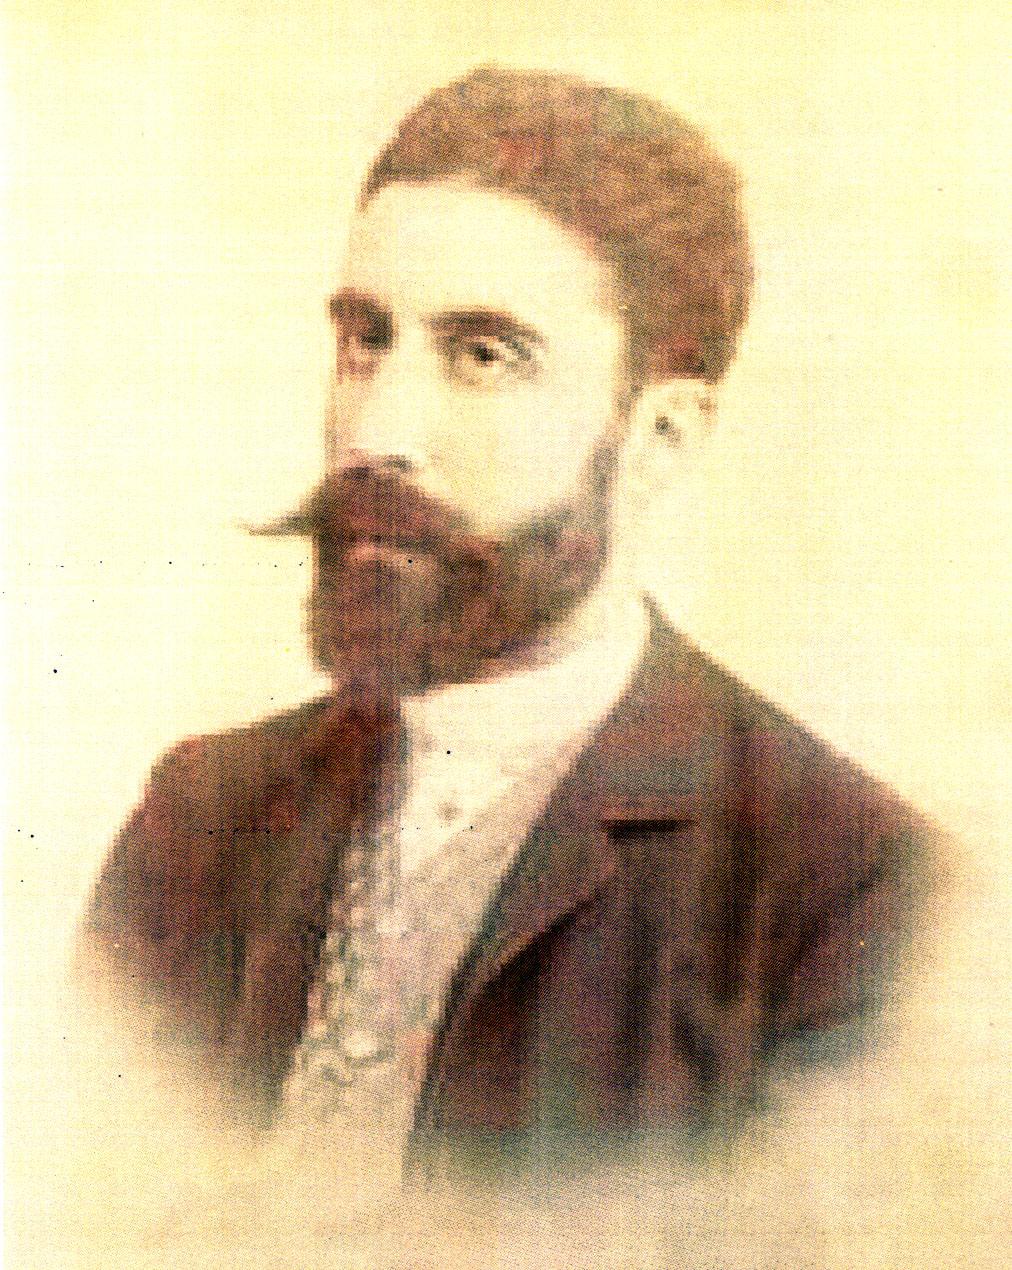 Francisco Ballesteros Villanueva, presidente de la Diputación Provincial de Alicante.